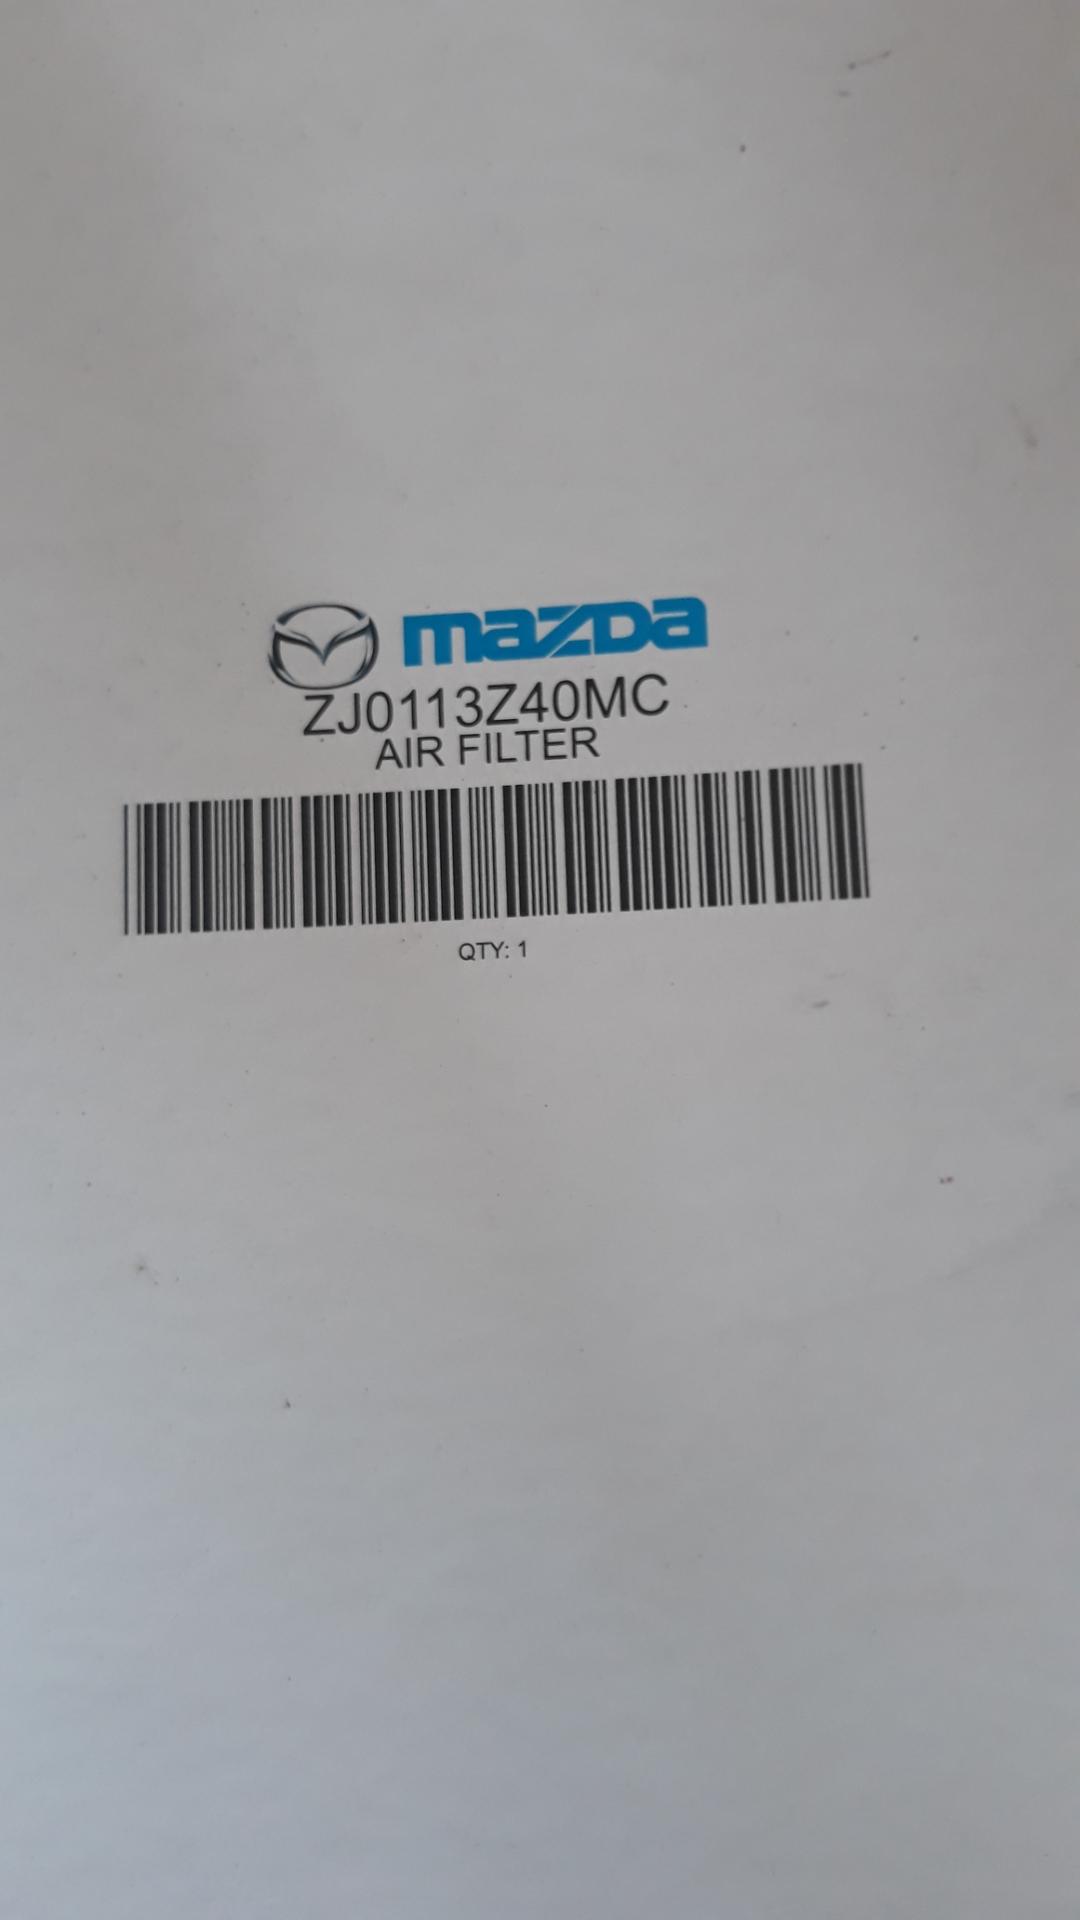 Mazda service kit